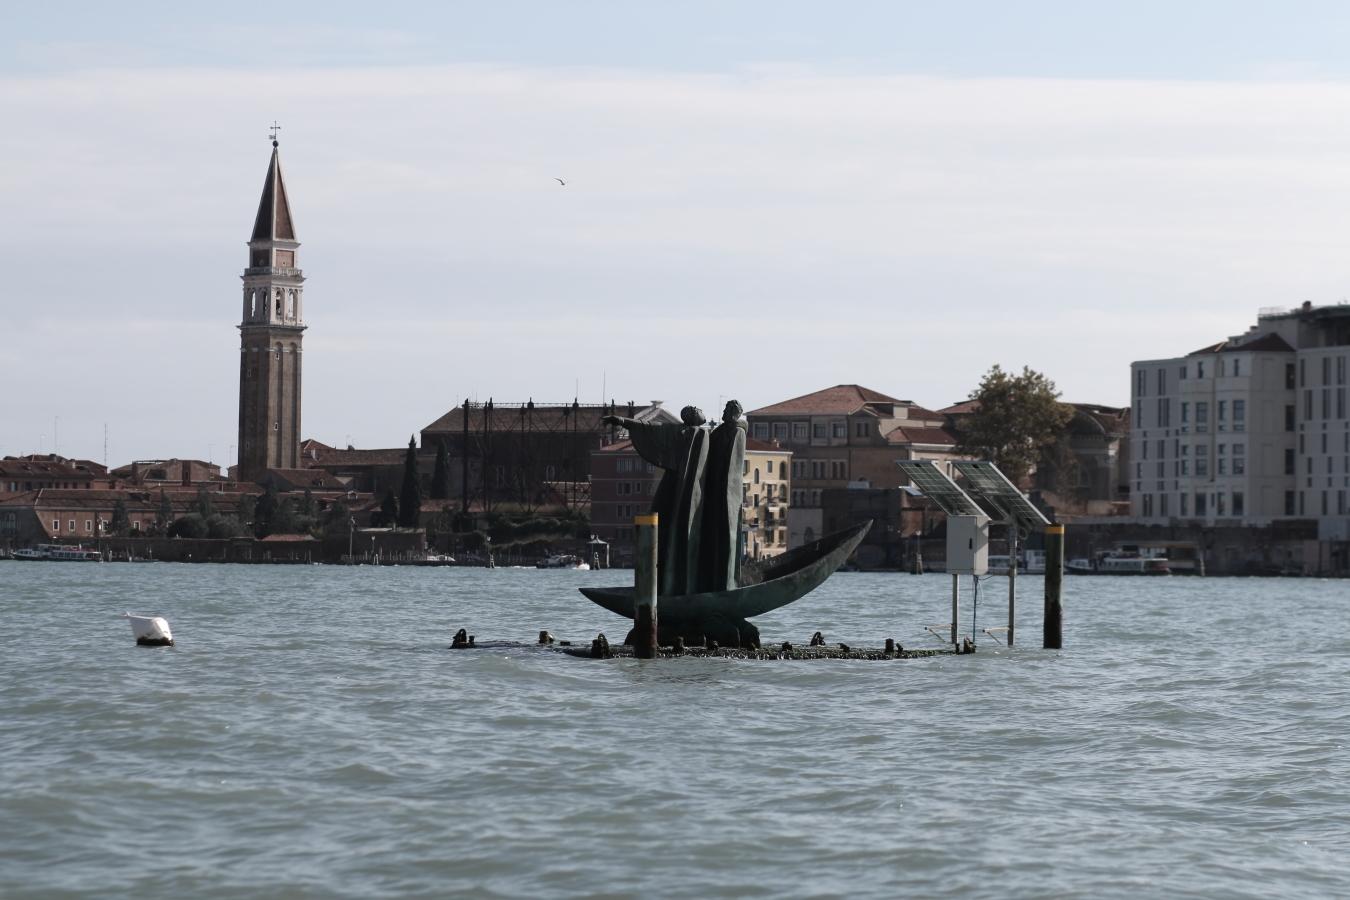 il-giorno-dei-Morti-blogger diaries-by-The-Italian-Glam-Venezia